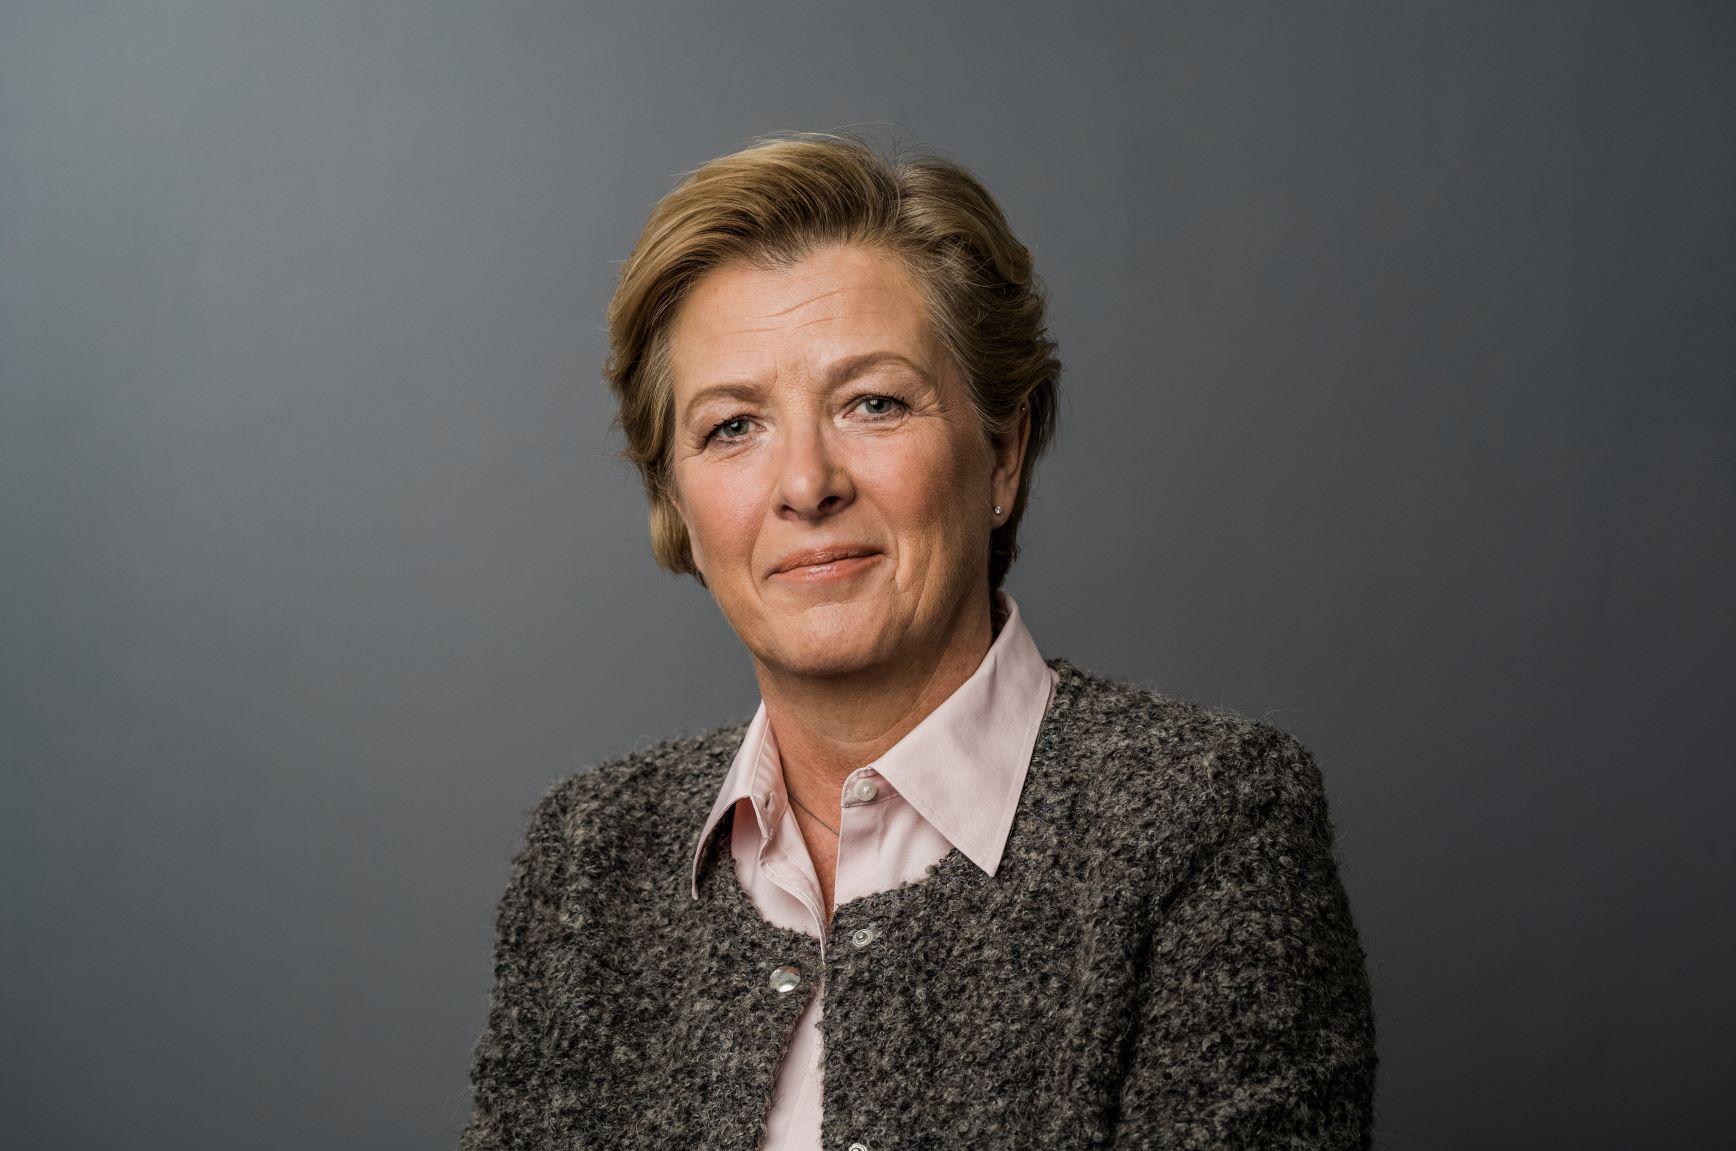 Direktør Kari Østerud. (Foto: Øivind Haug)